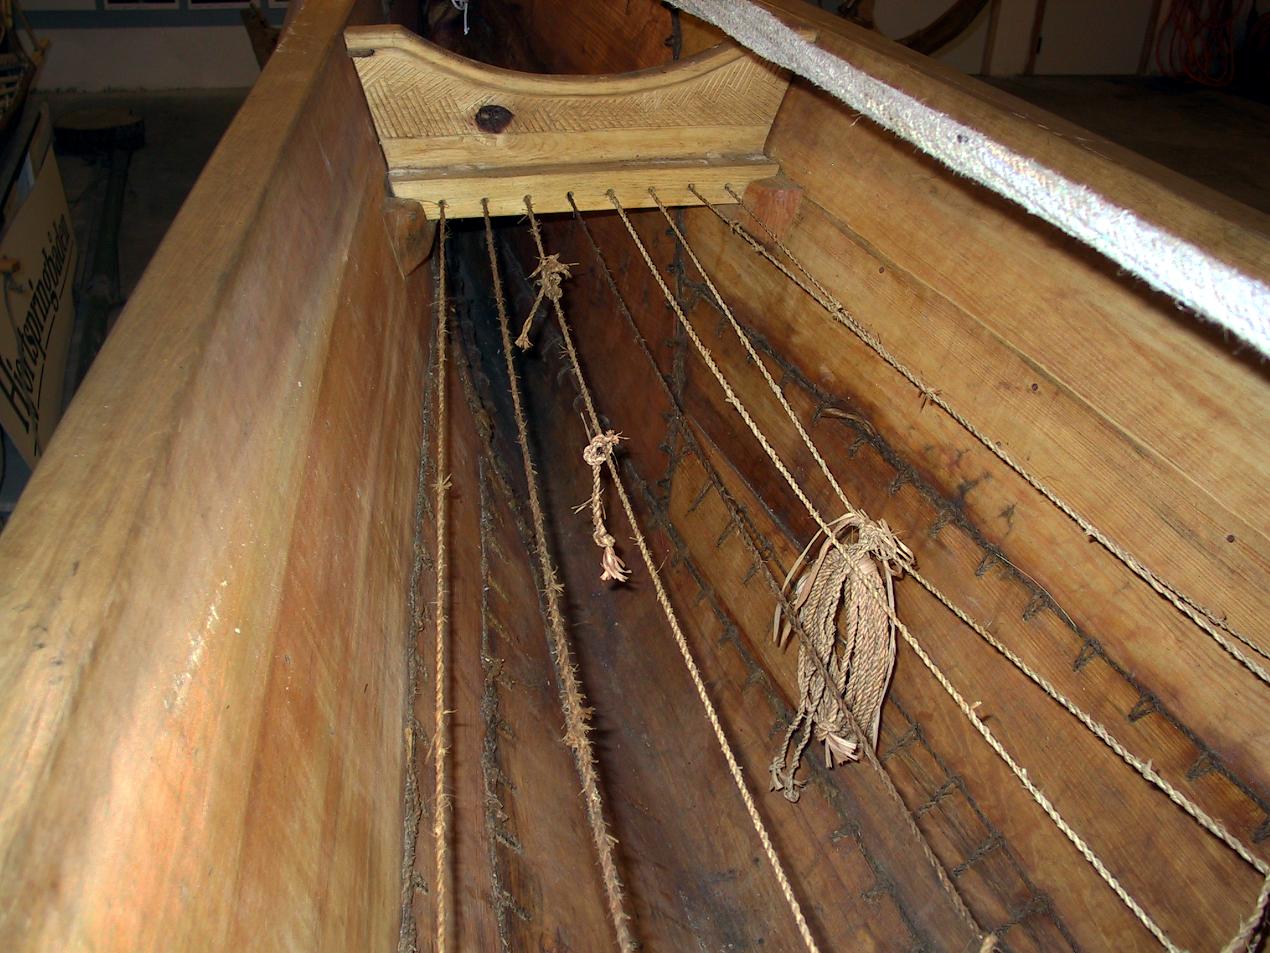 En række huller i den forreste karm langs underkanten blev anvendt til et netværk af snore, der kunne bære for eksempel reservesysnore.